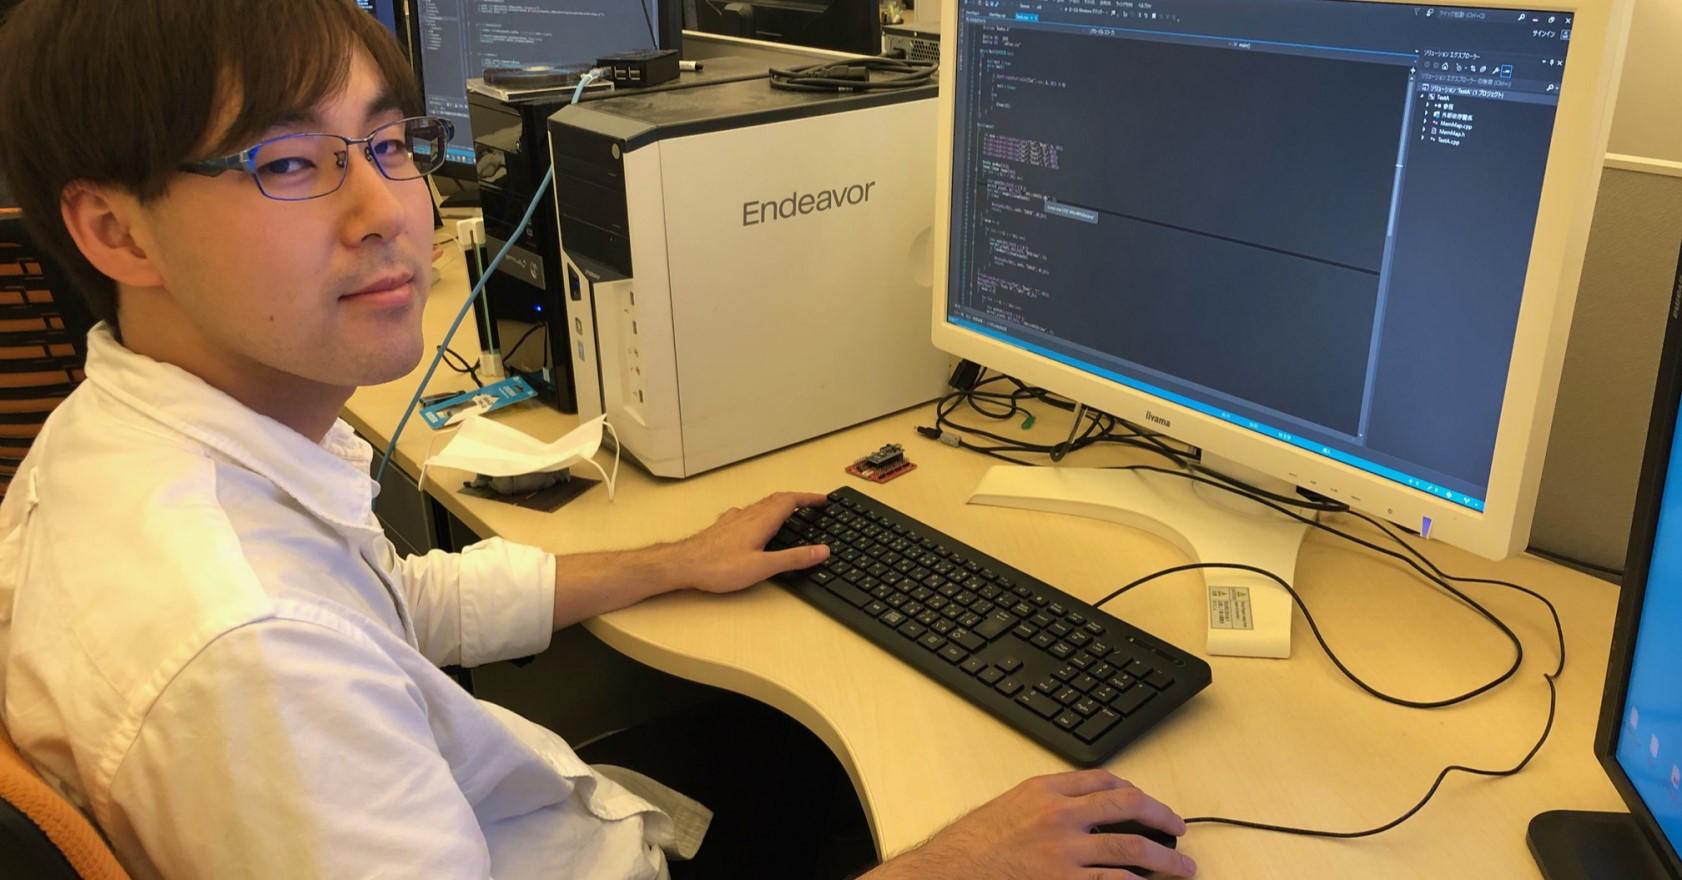 広々としたデスクで、プログラミング業務をしていただきます。